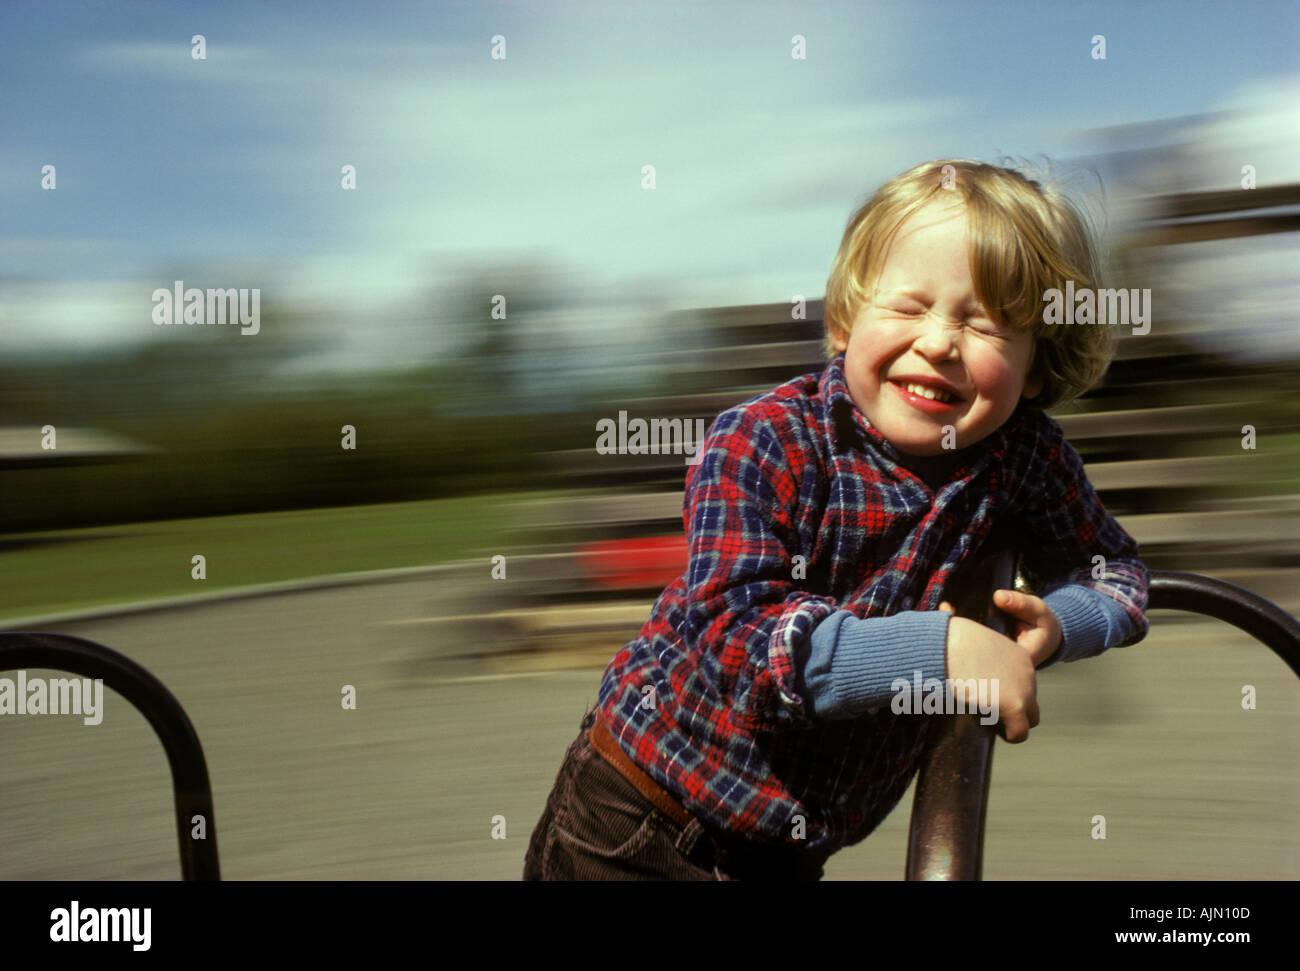 A six year old boy closes his eyes to appreciate the vertigo on a carousel - Stock Image